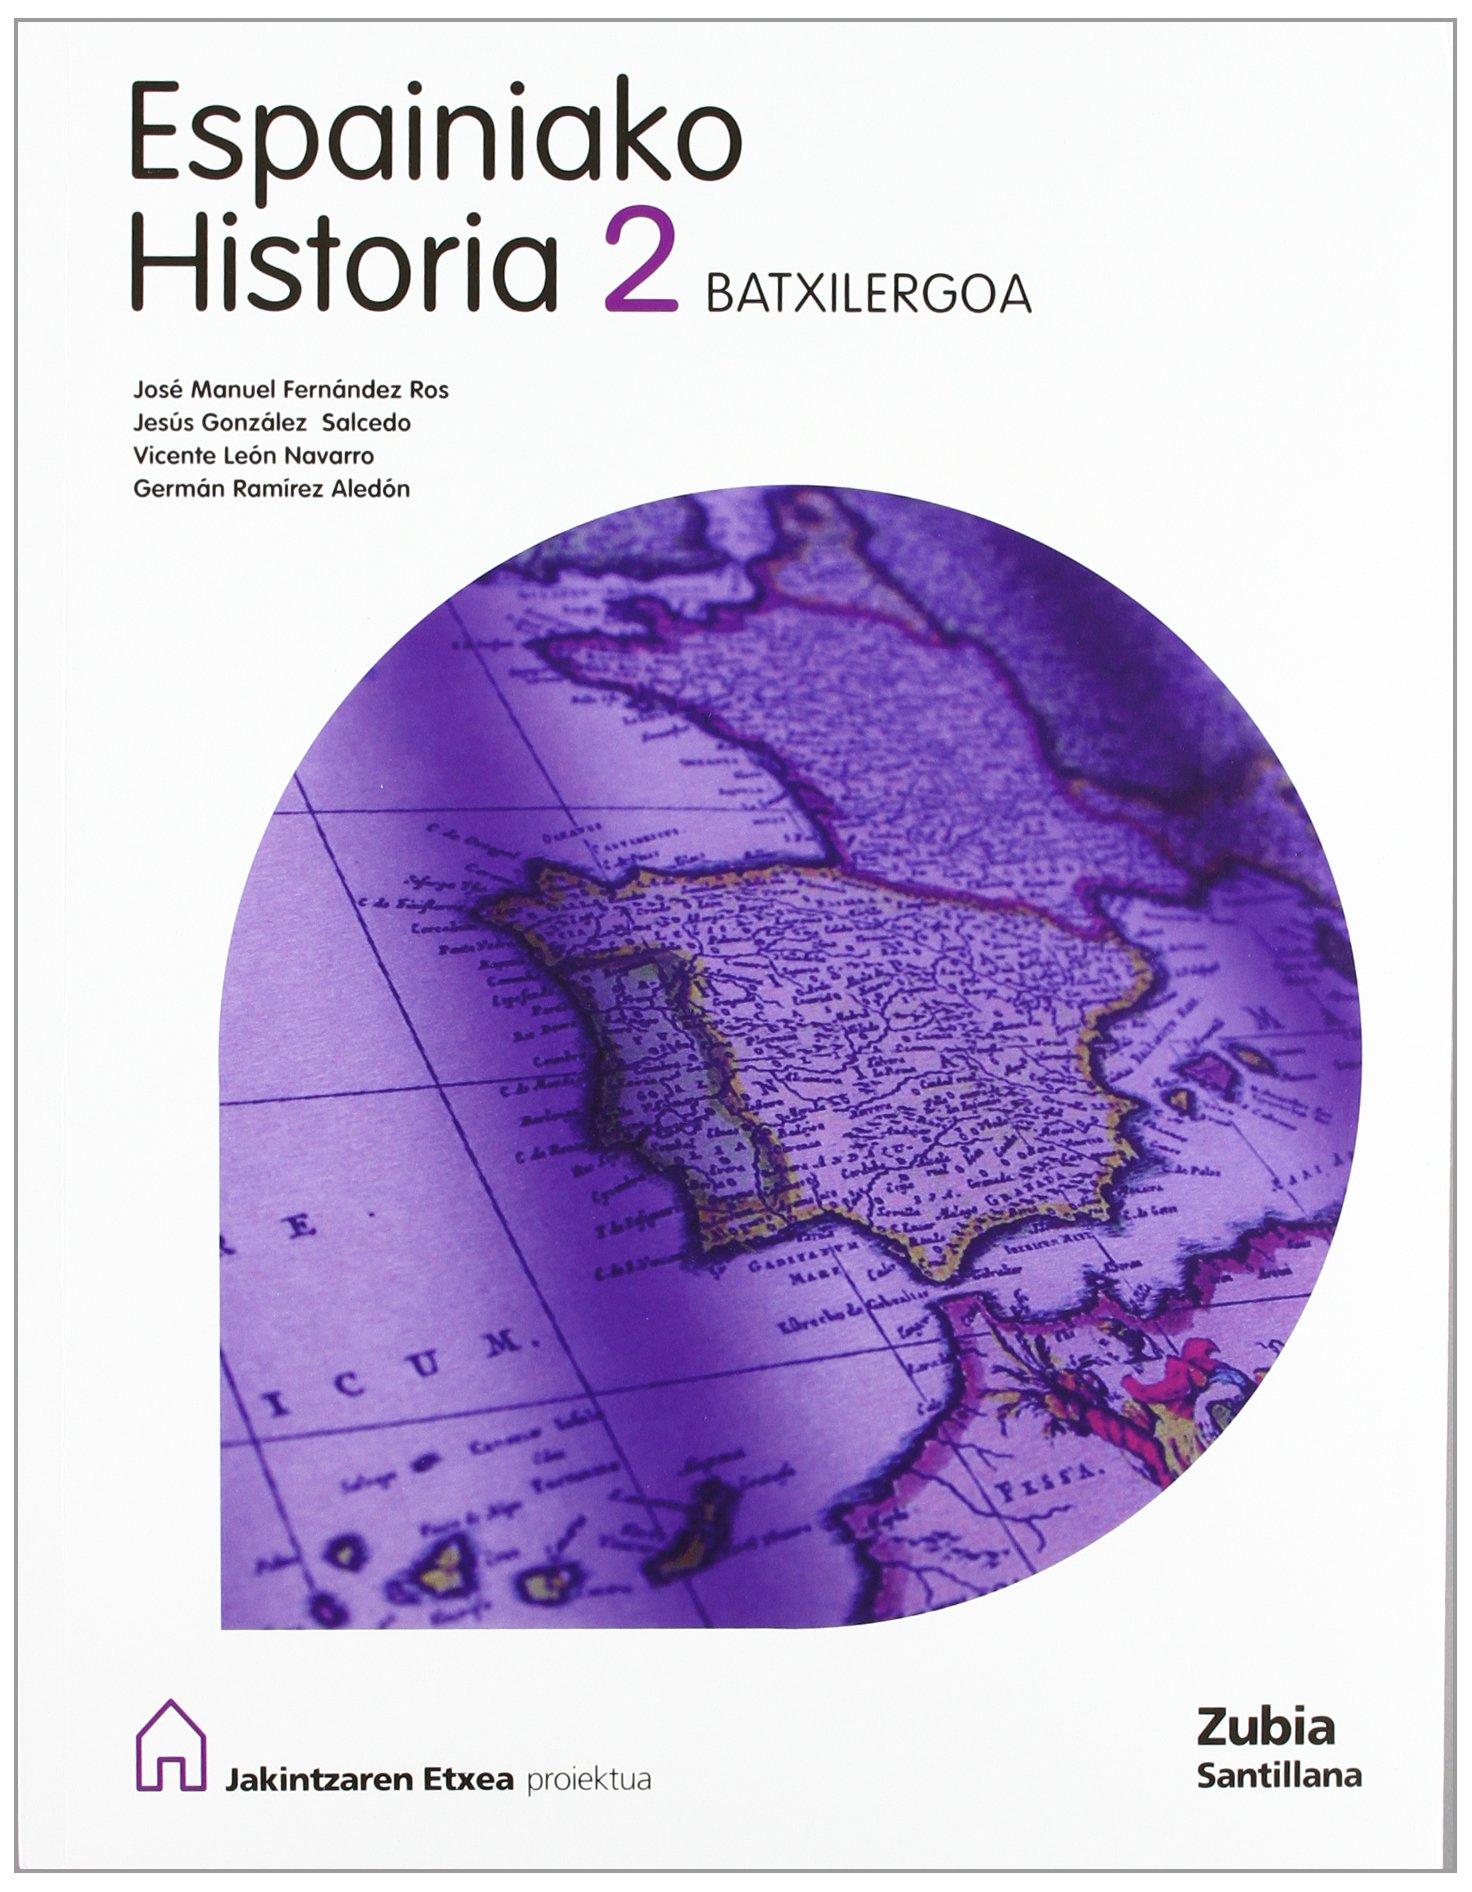 Espainiako Historia 2 Batxilergoa Jakintzaren Etxea Euskea Zubia - 9788488227317: Amazon.es: Batzuk: Libros